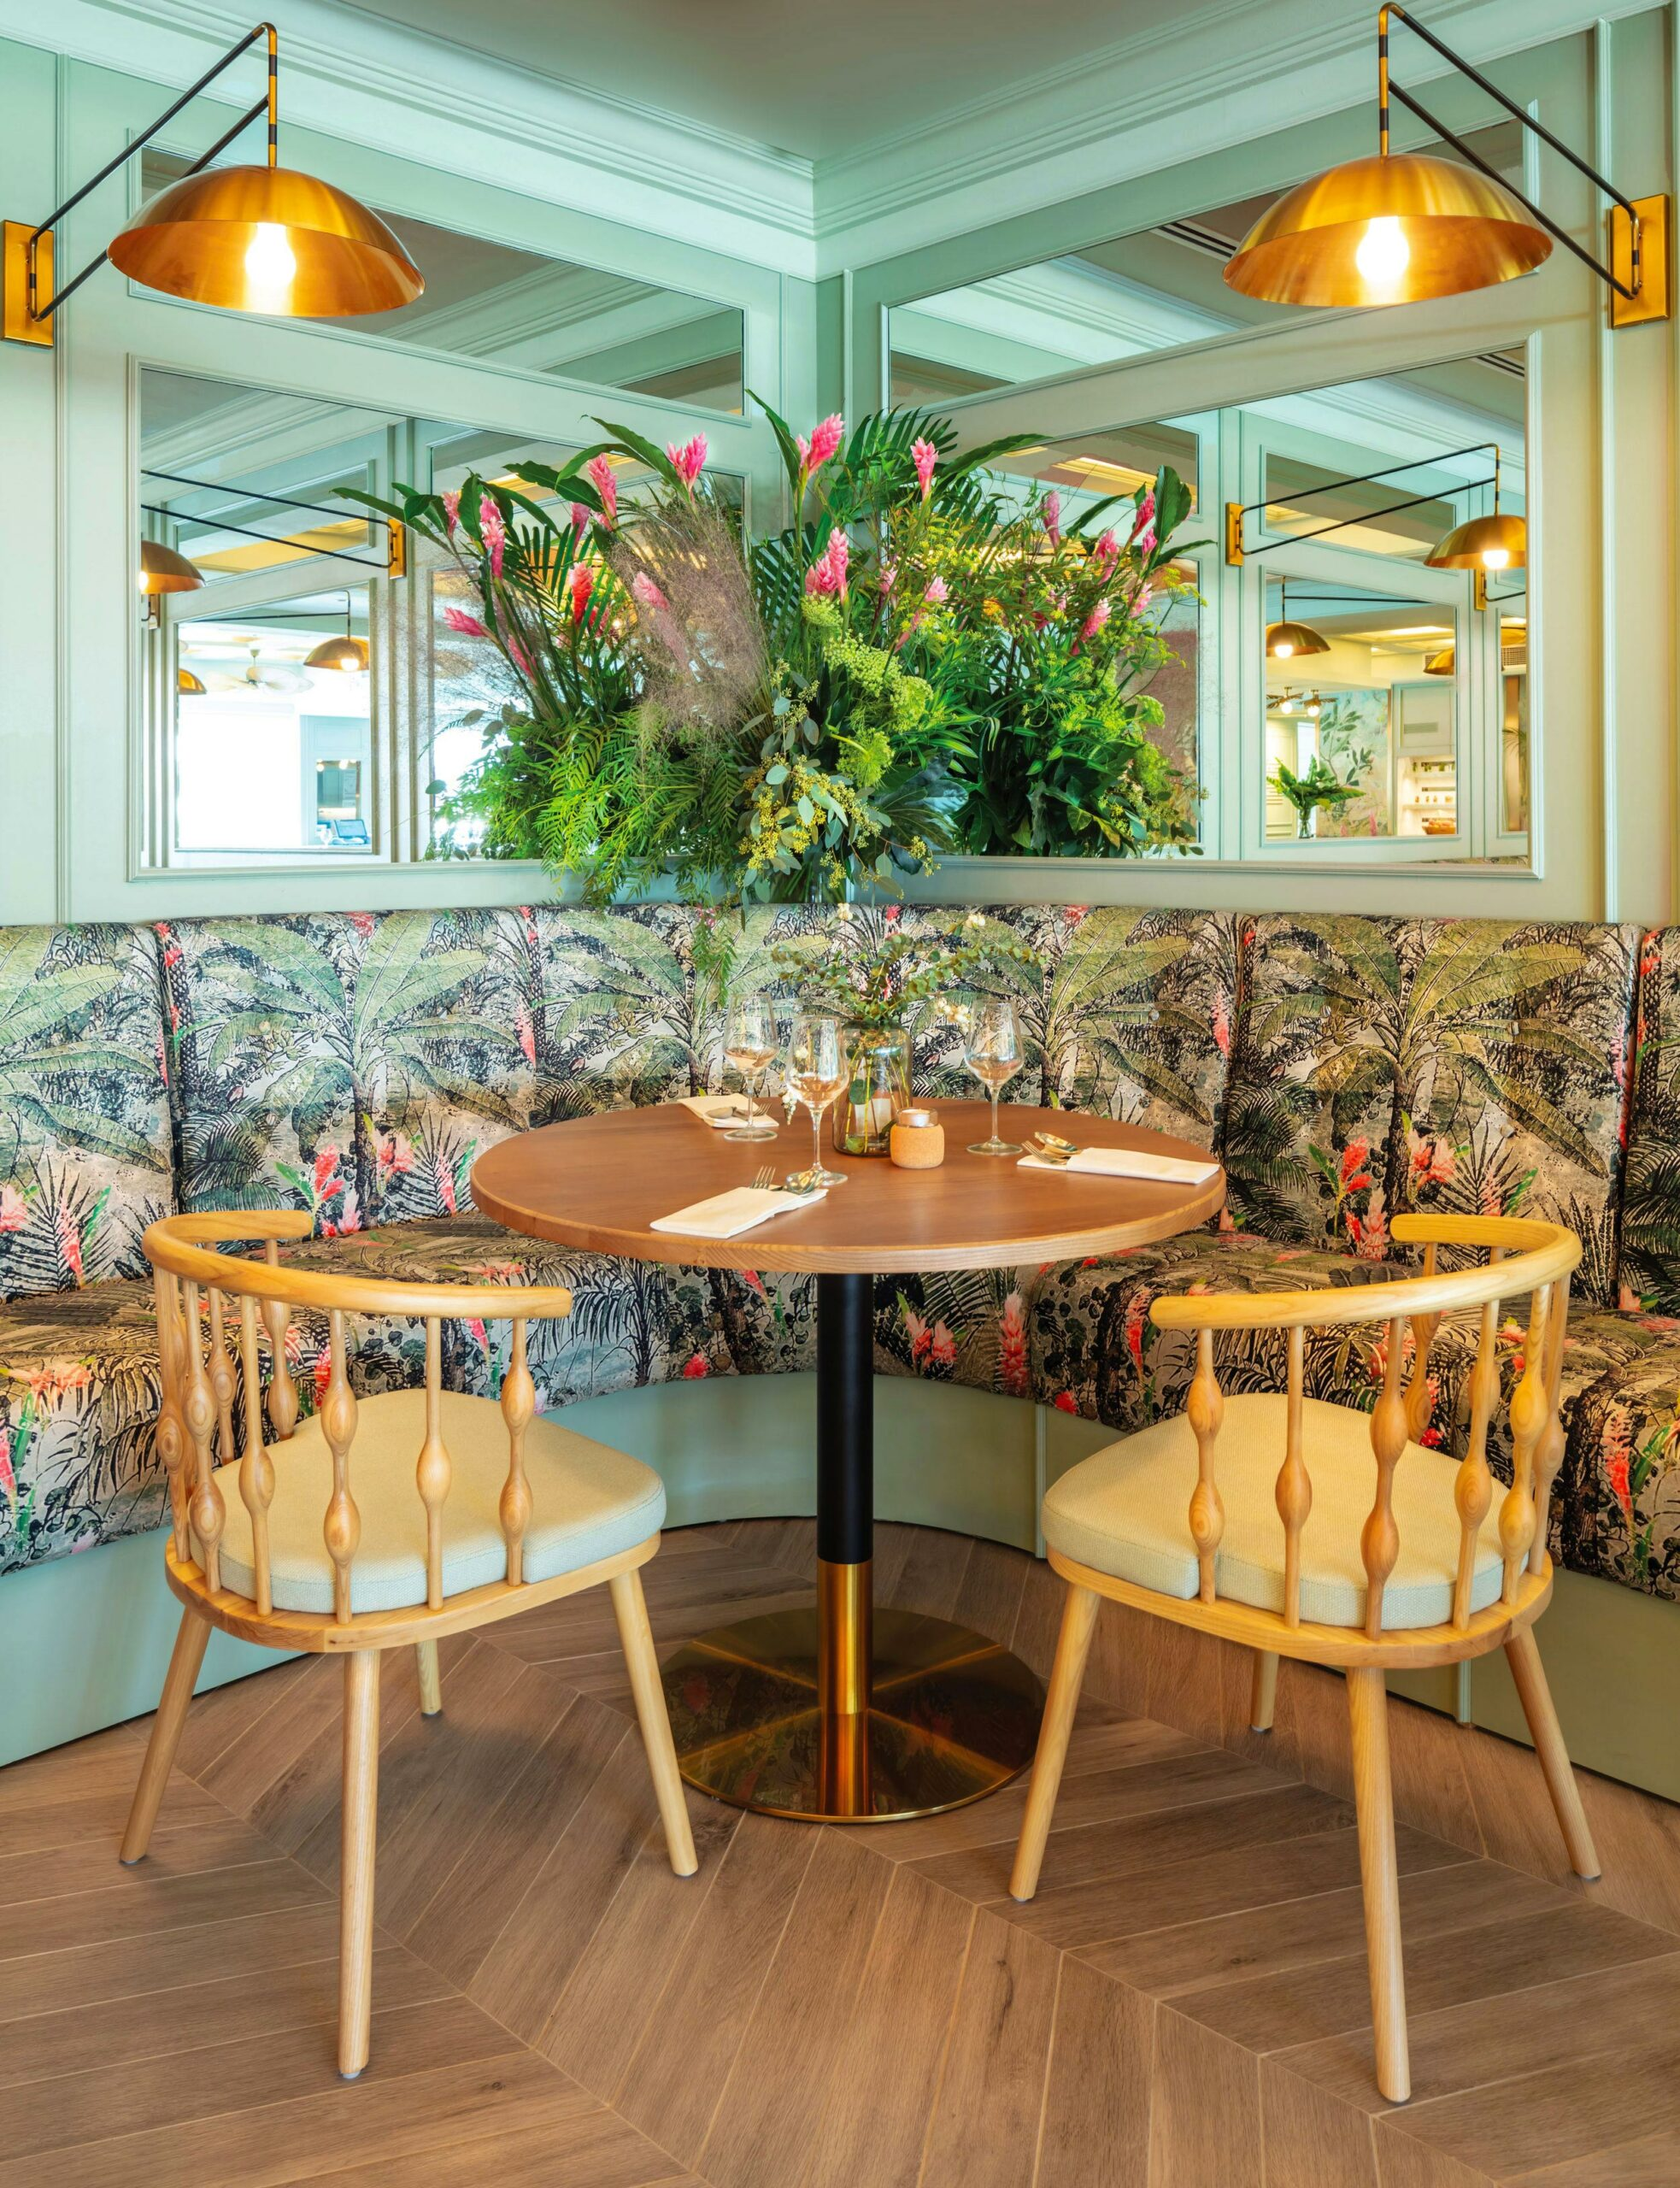 Austalian Designer, Greenery inspired decor